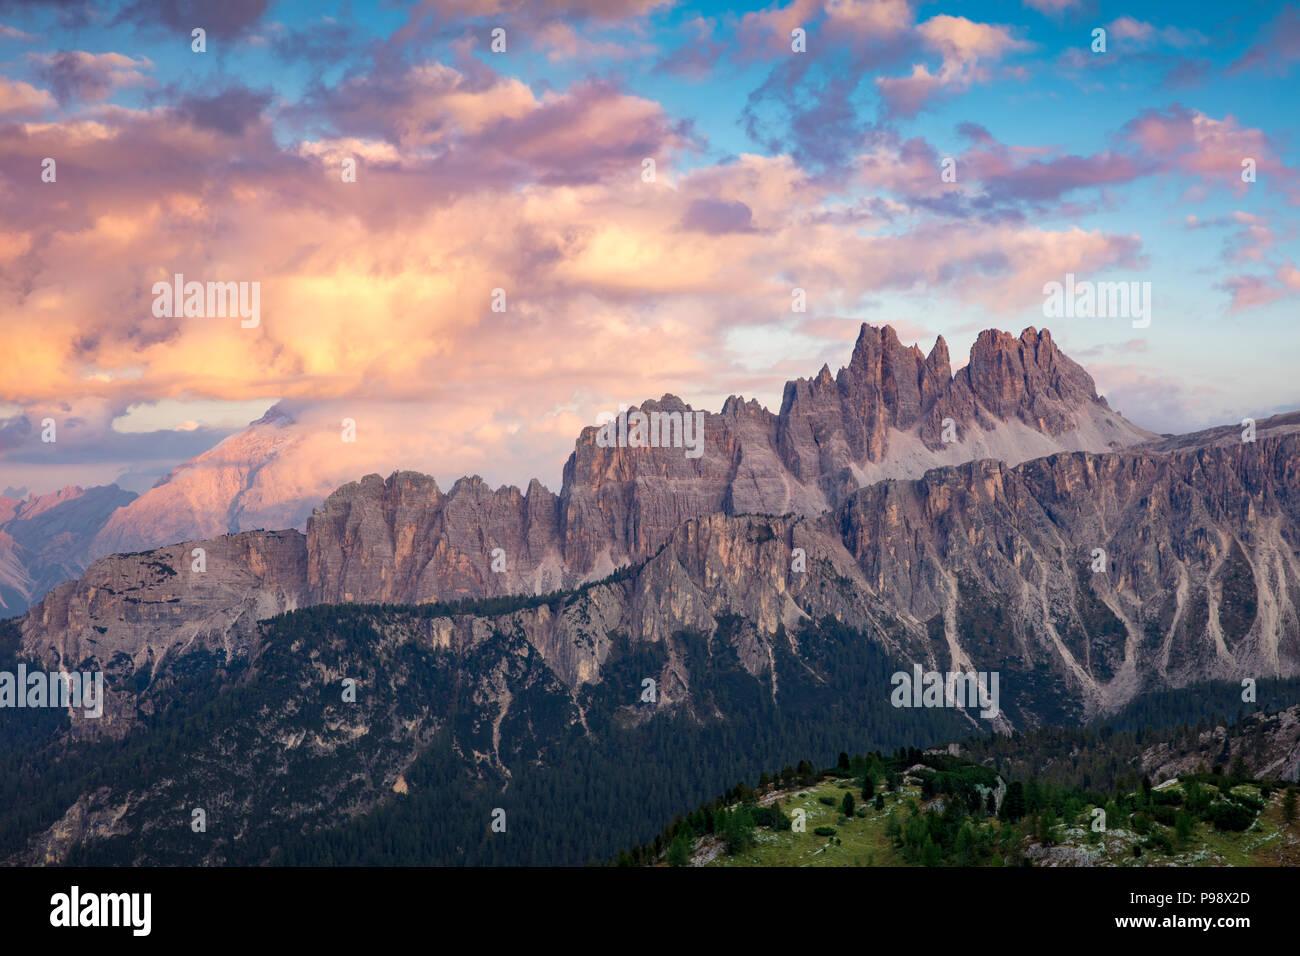 Colorful evening clouds over Croda da Lago & Lastoni di Formin mountain ranges, Dolomite Mountains, Belluno, Italy - Stock Image